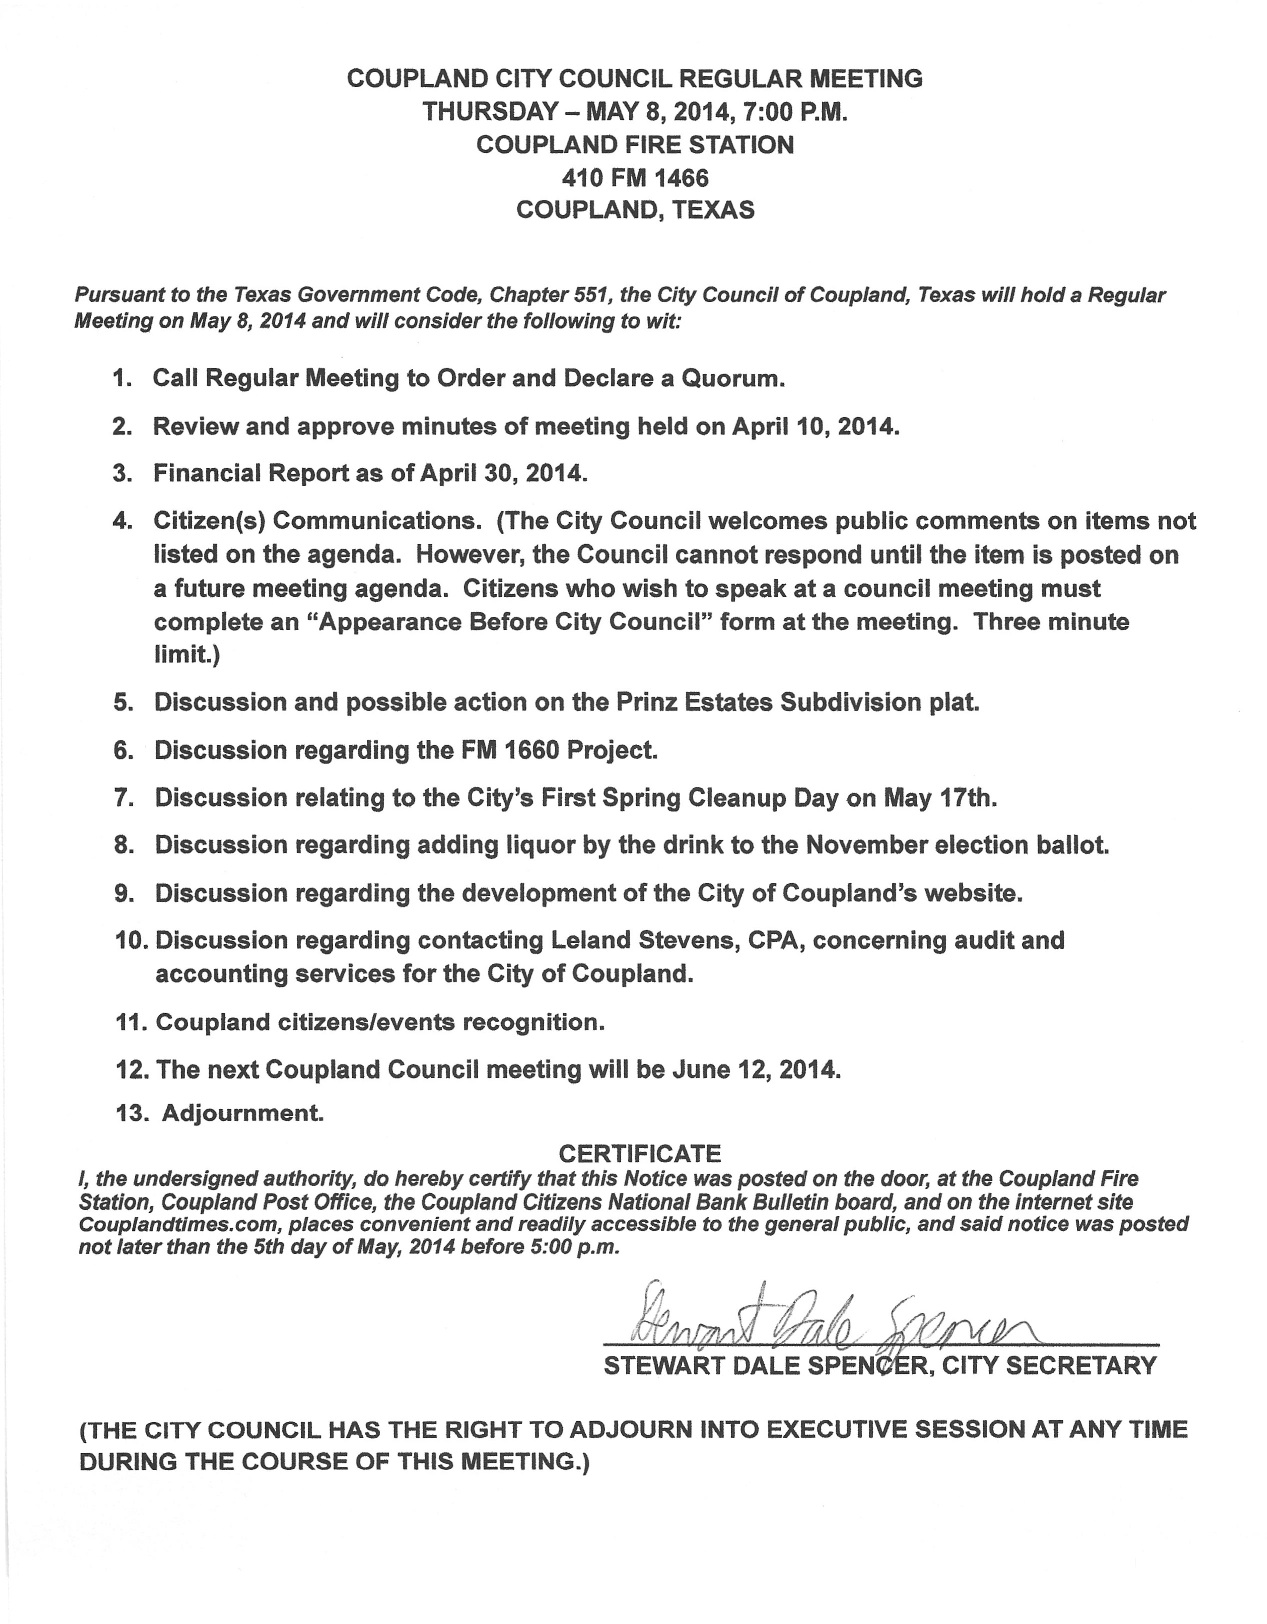 City Council Regular Meeting, 5-8-14